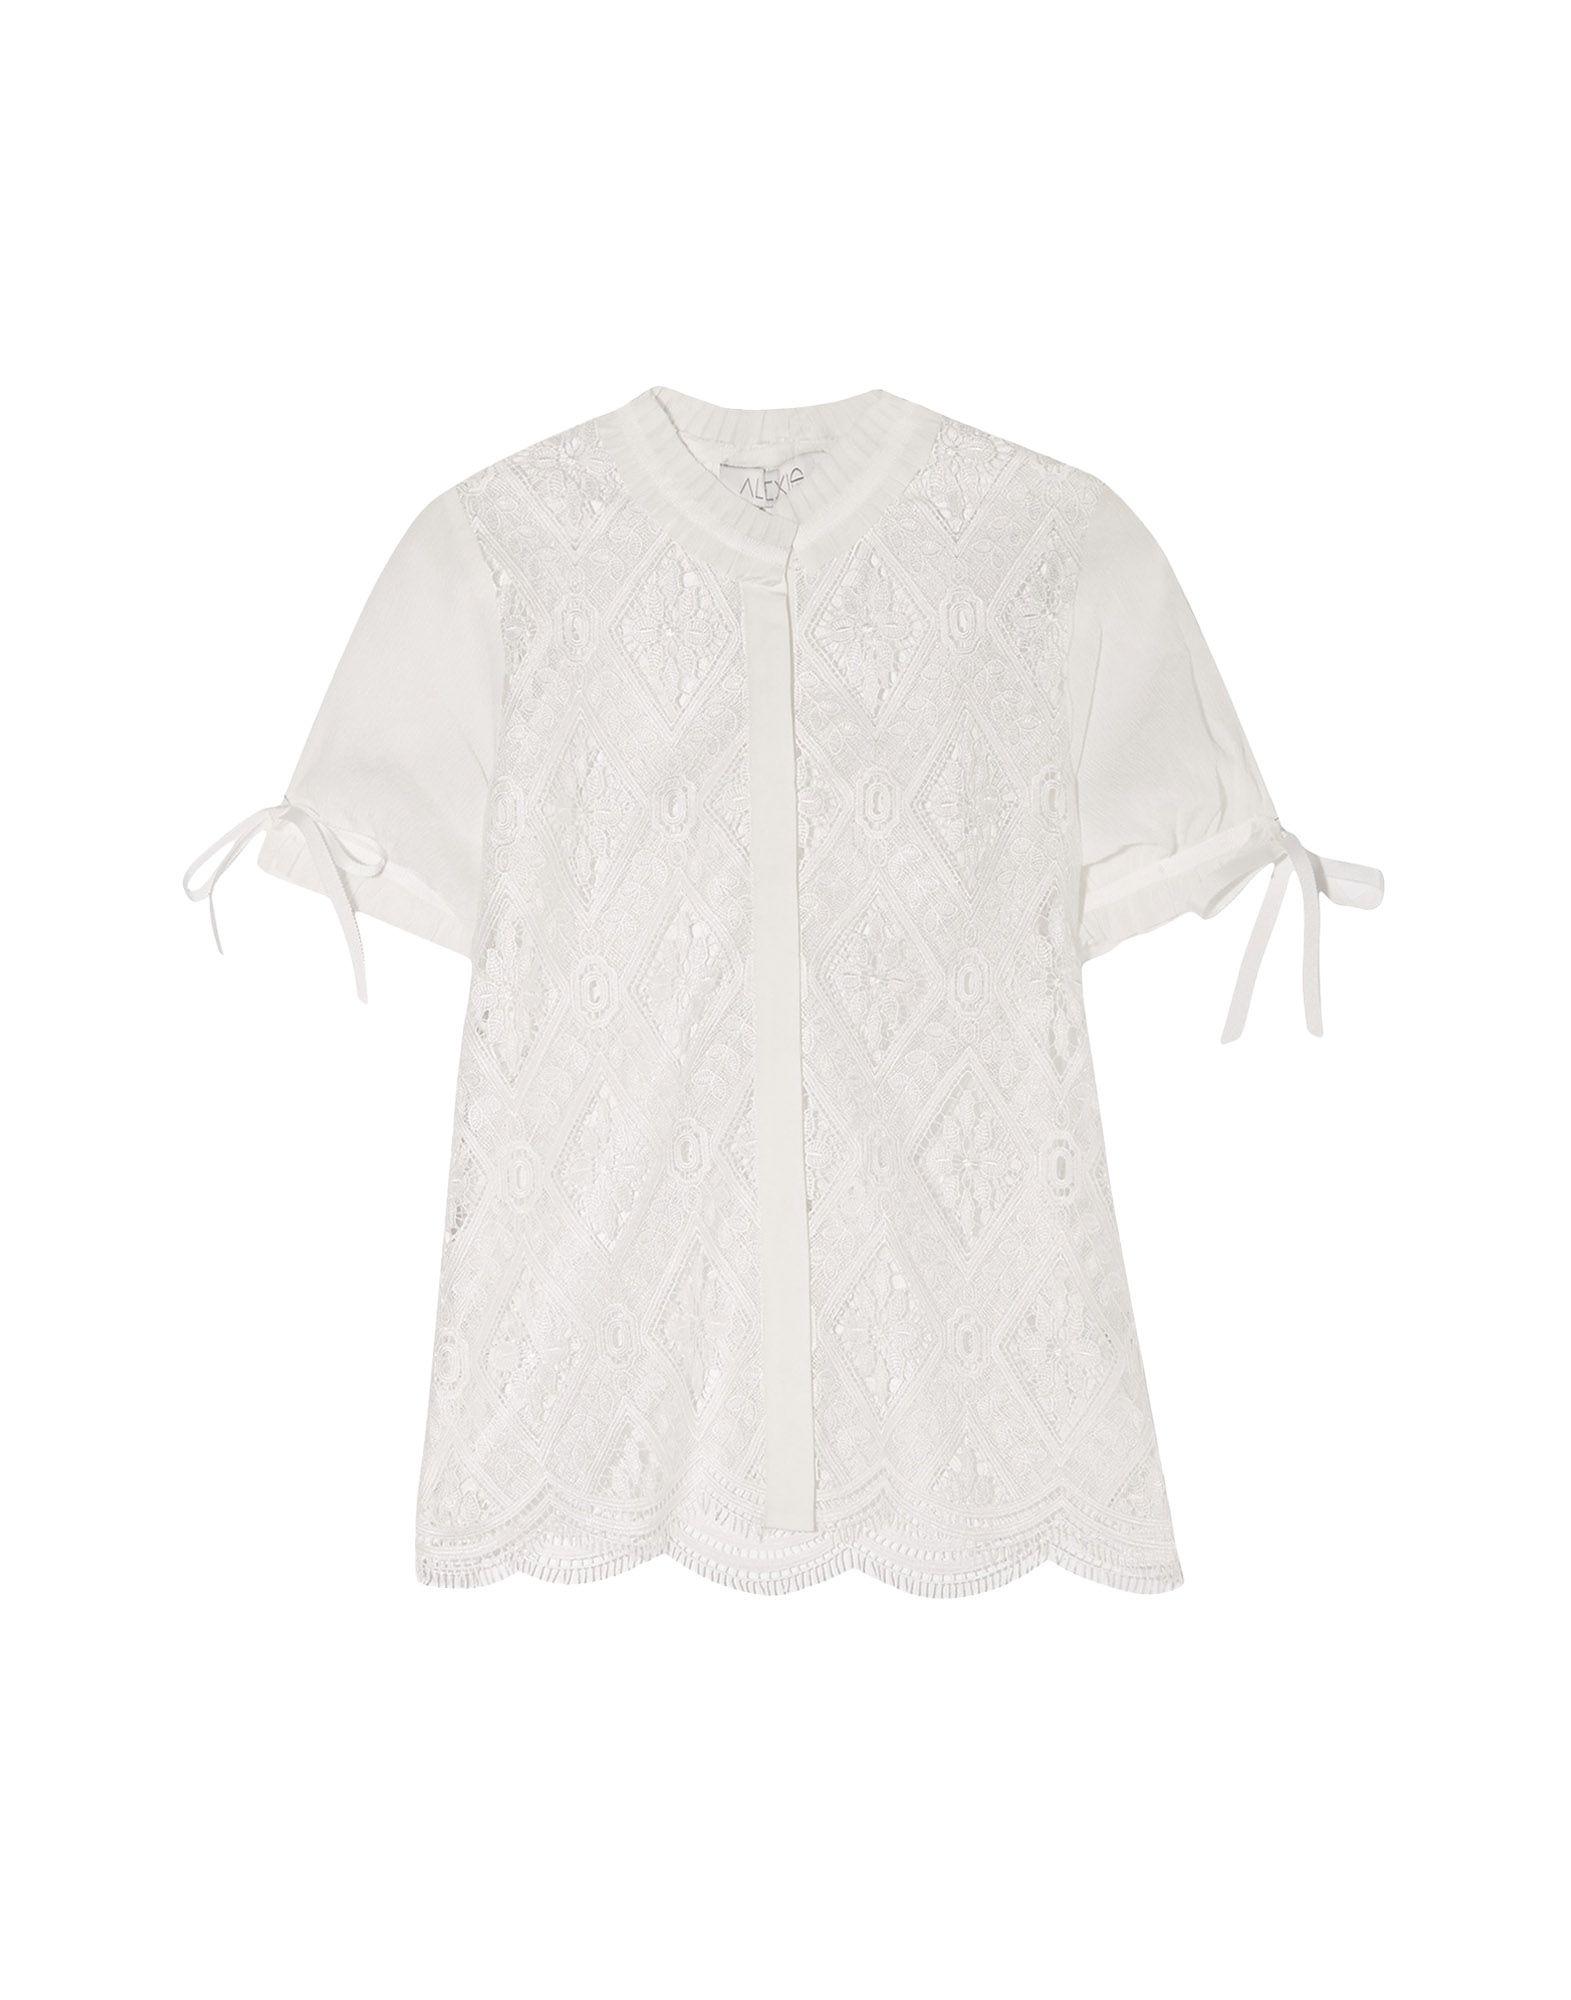 《送料無料》ALEXIS レディース シャツ ホワイト XS ポリエステル 100% / シルク